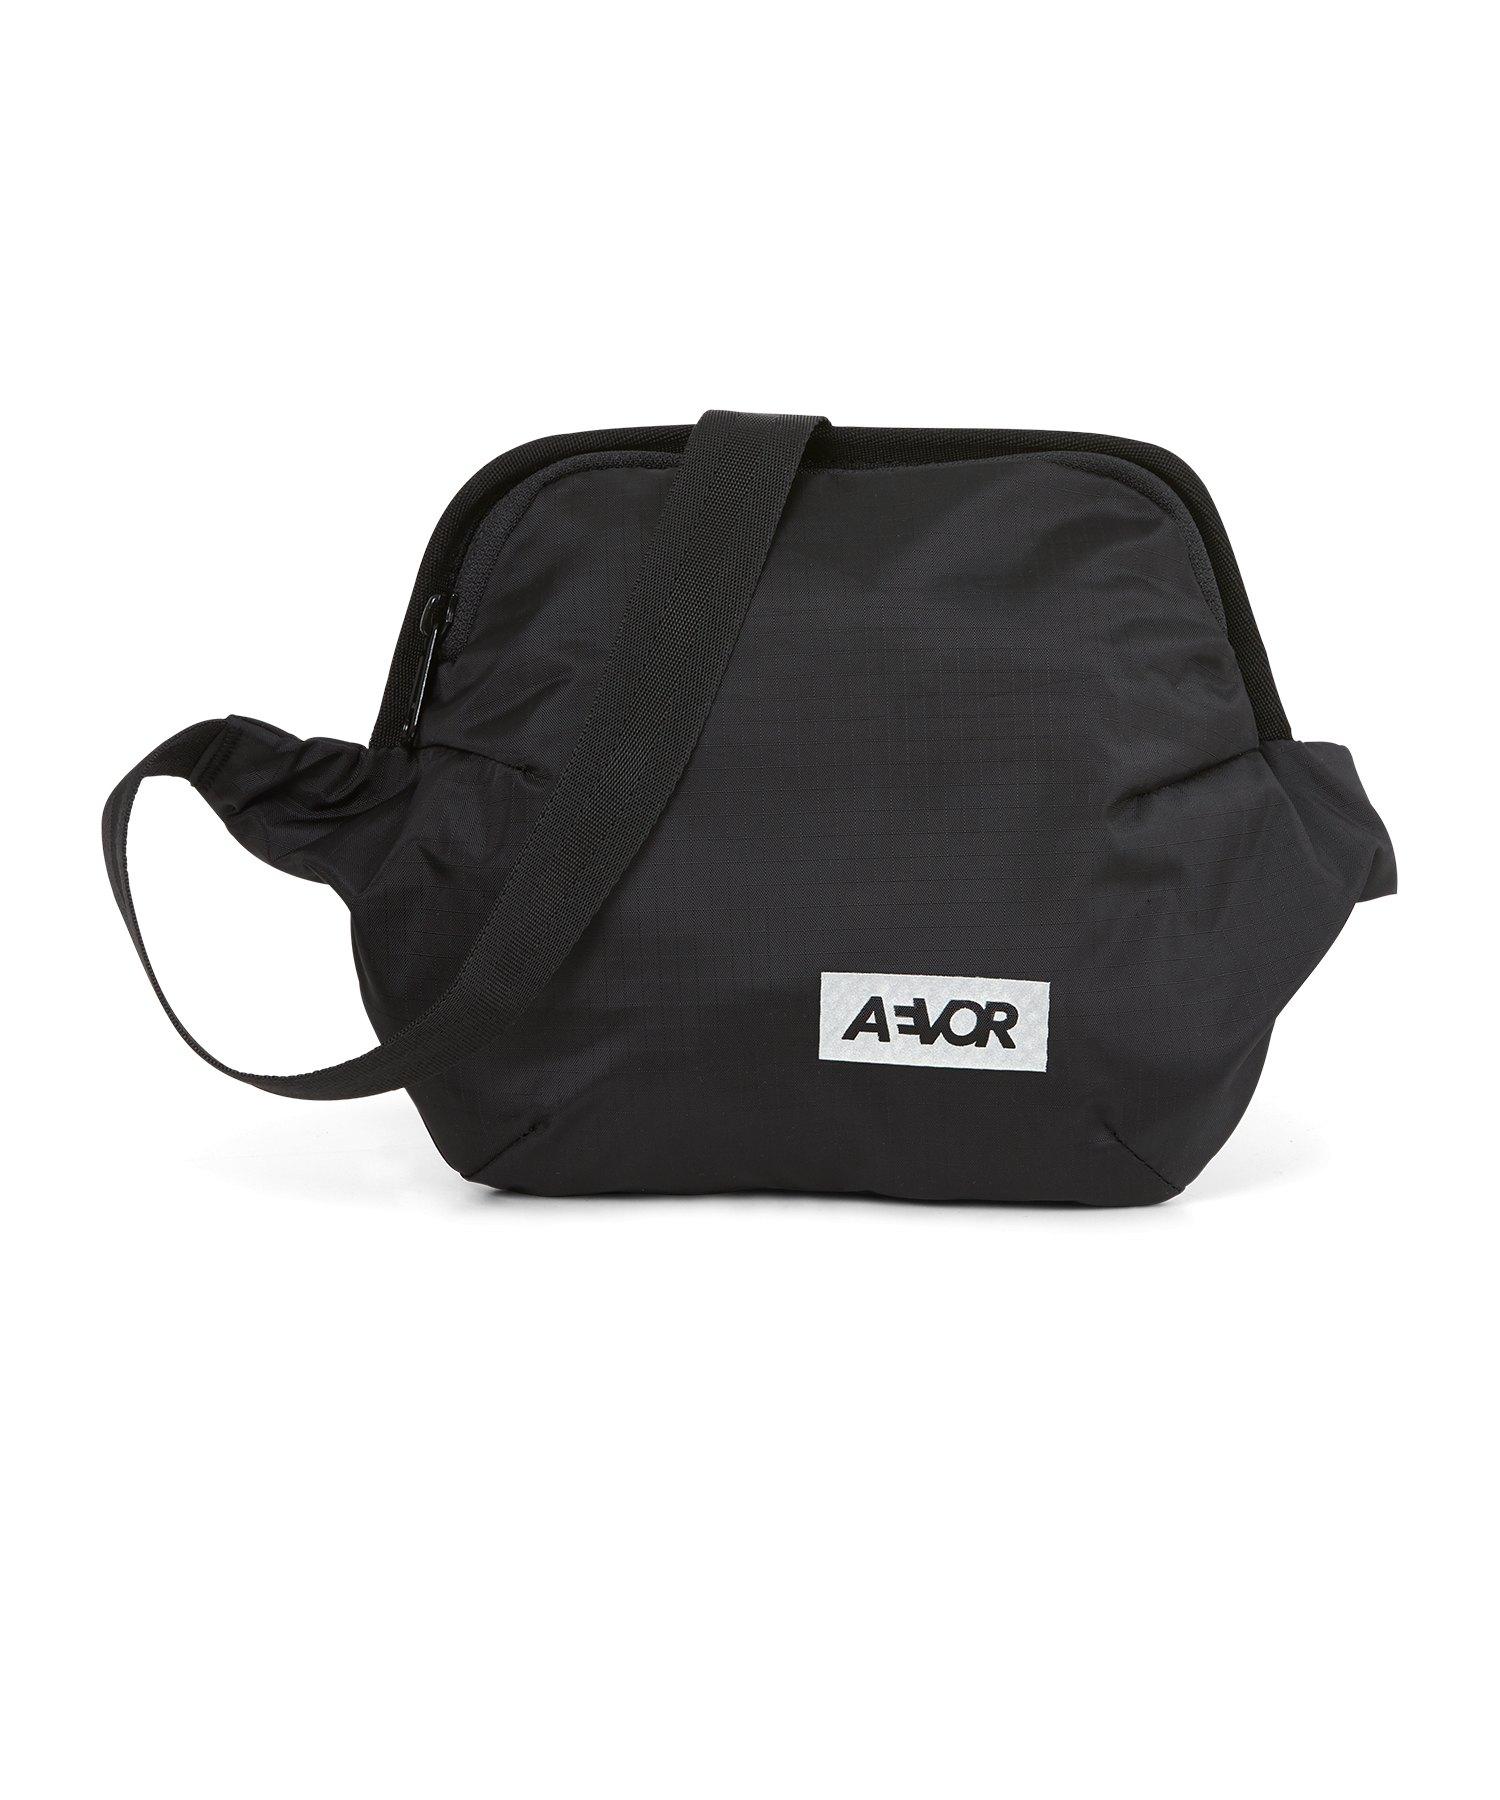 AEVOR Hip Bag Plus Hüfttasche Schwarz F801A - schwarz